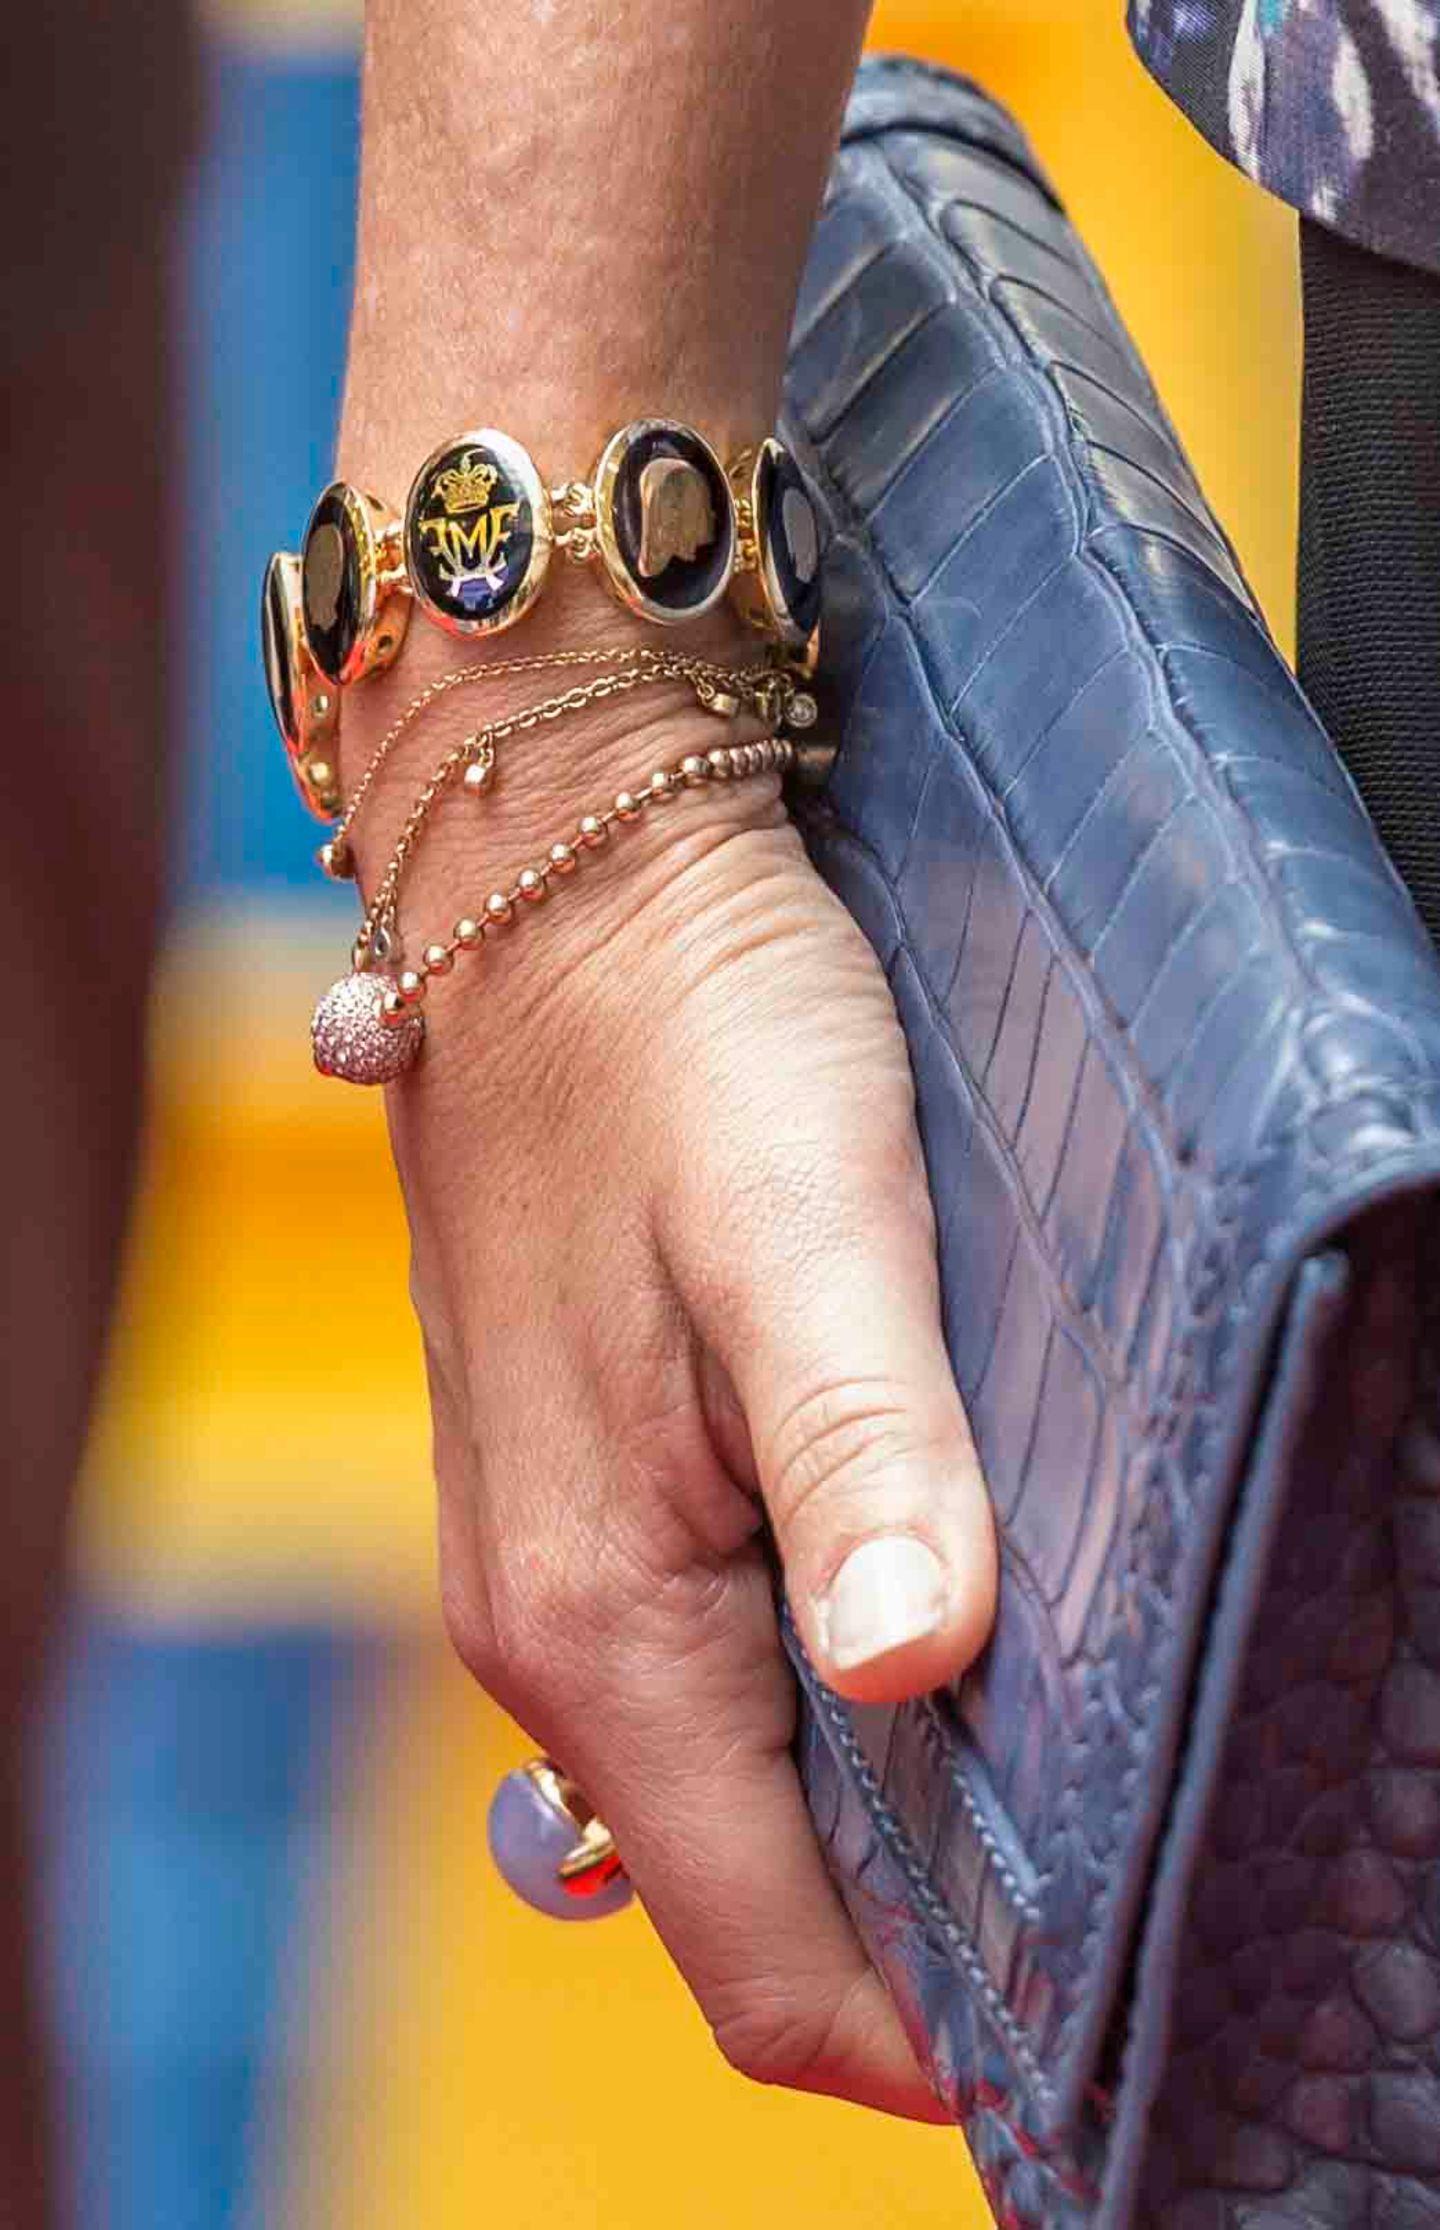 Denn Marys Armband ist ein Symbol für ihr Liebes- und Familienglück: es trägt die Porträts ihrer Familie sowie das persönliche Monogramm der Prinzessin und ihres Mannes Frederik, das zu ihrer Hochzeit entworfen wurde.